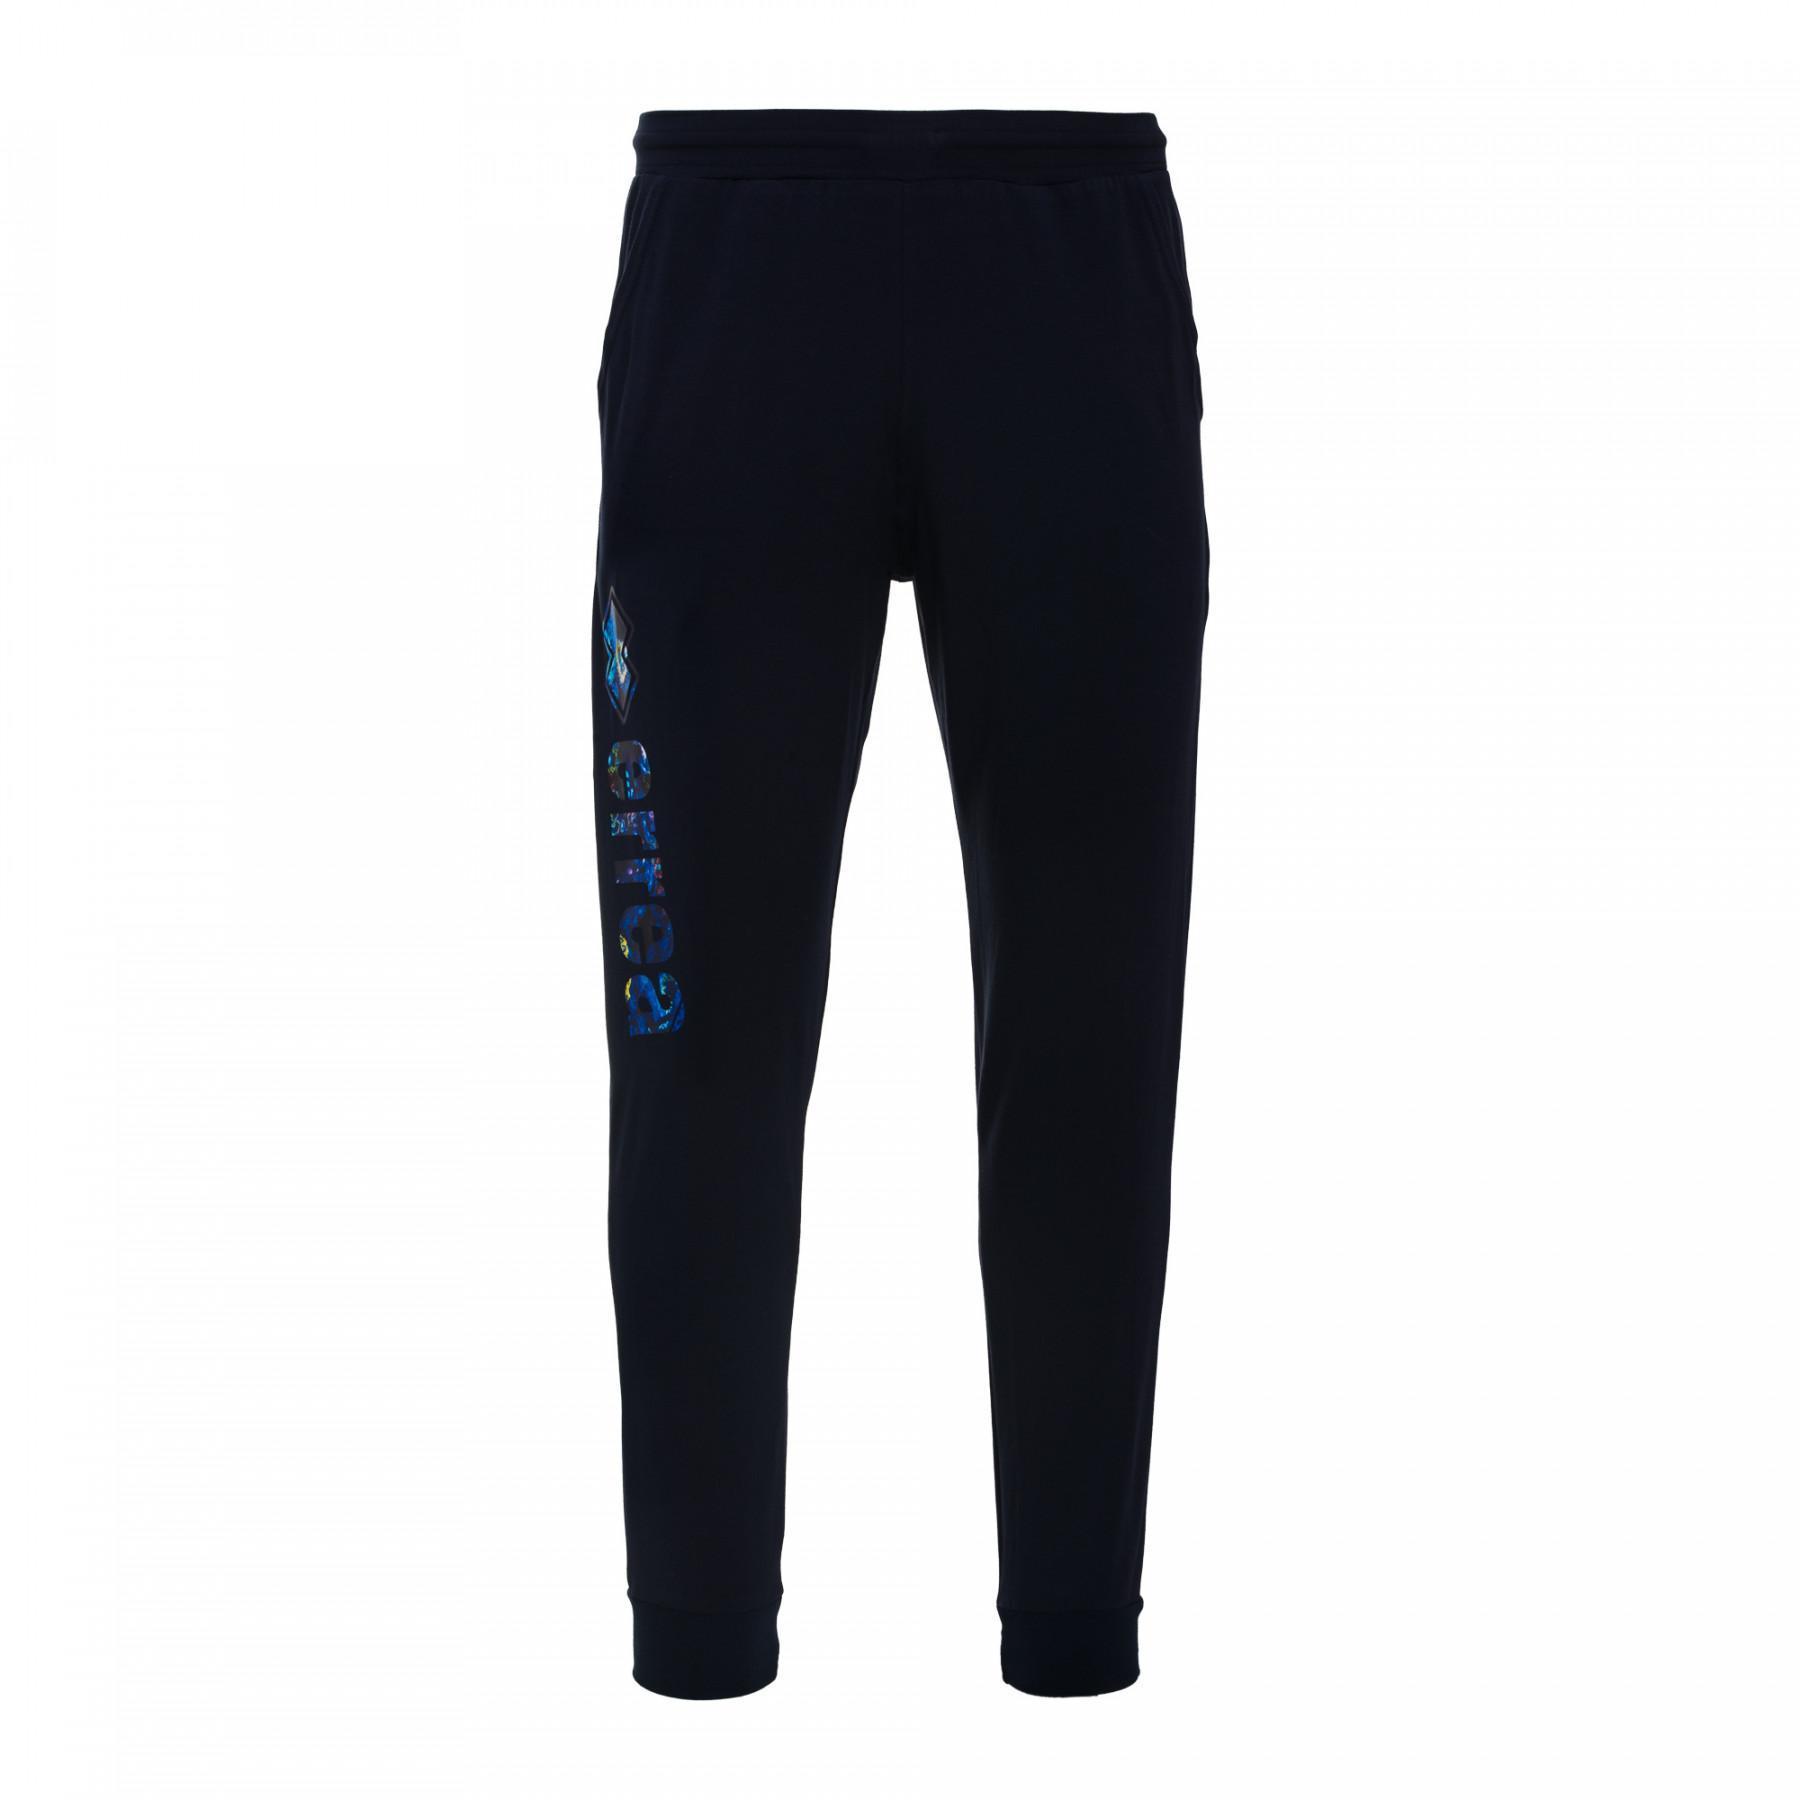 Trousers Errea essential cuffed ad